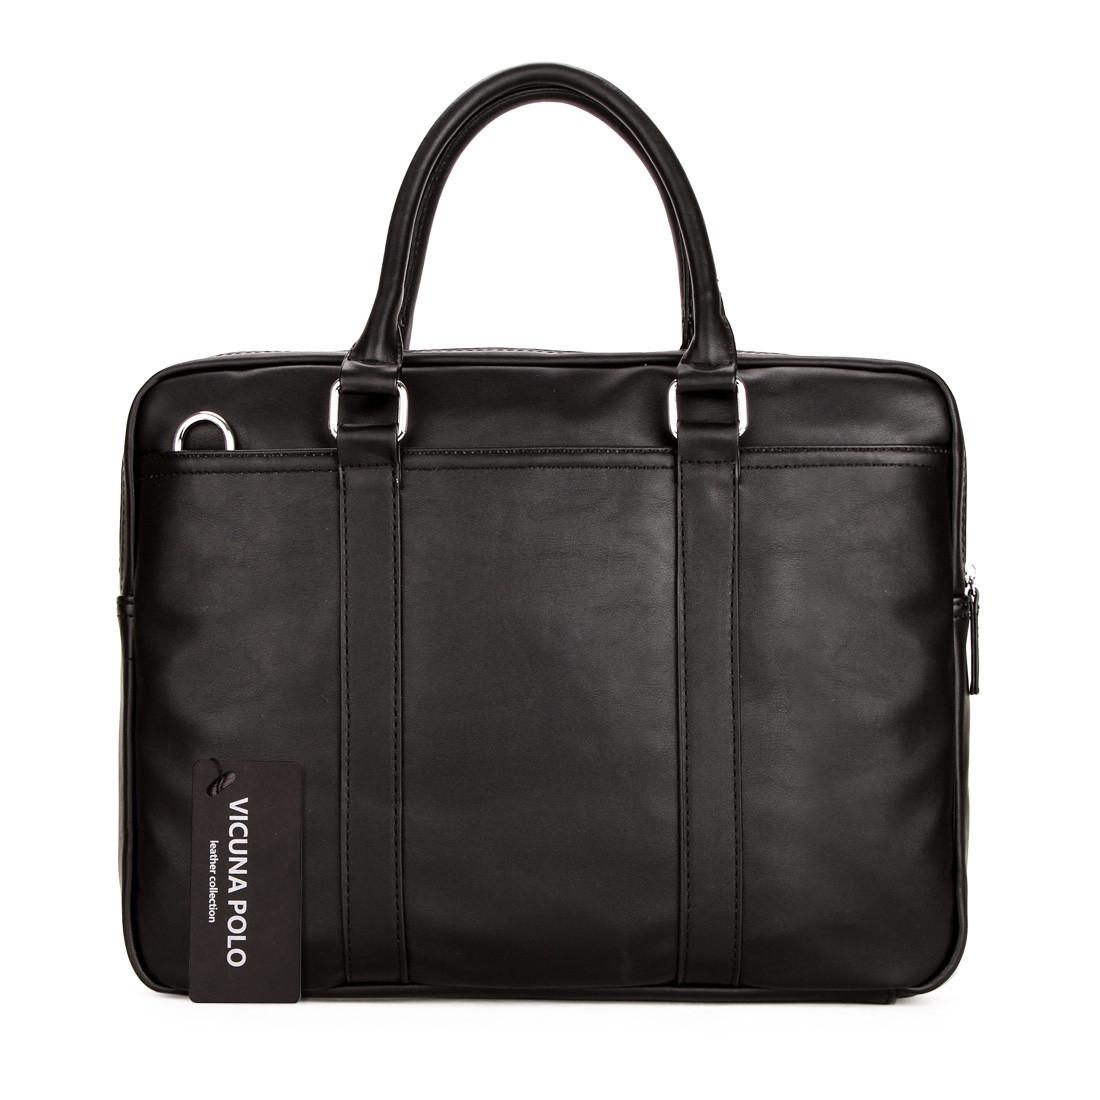 Повседневная деловая мужская сумка-портфель Черный, коричневый, фото 1